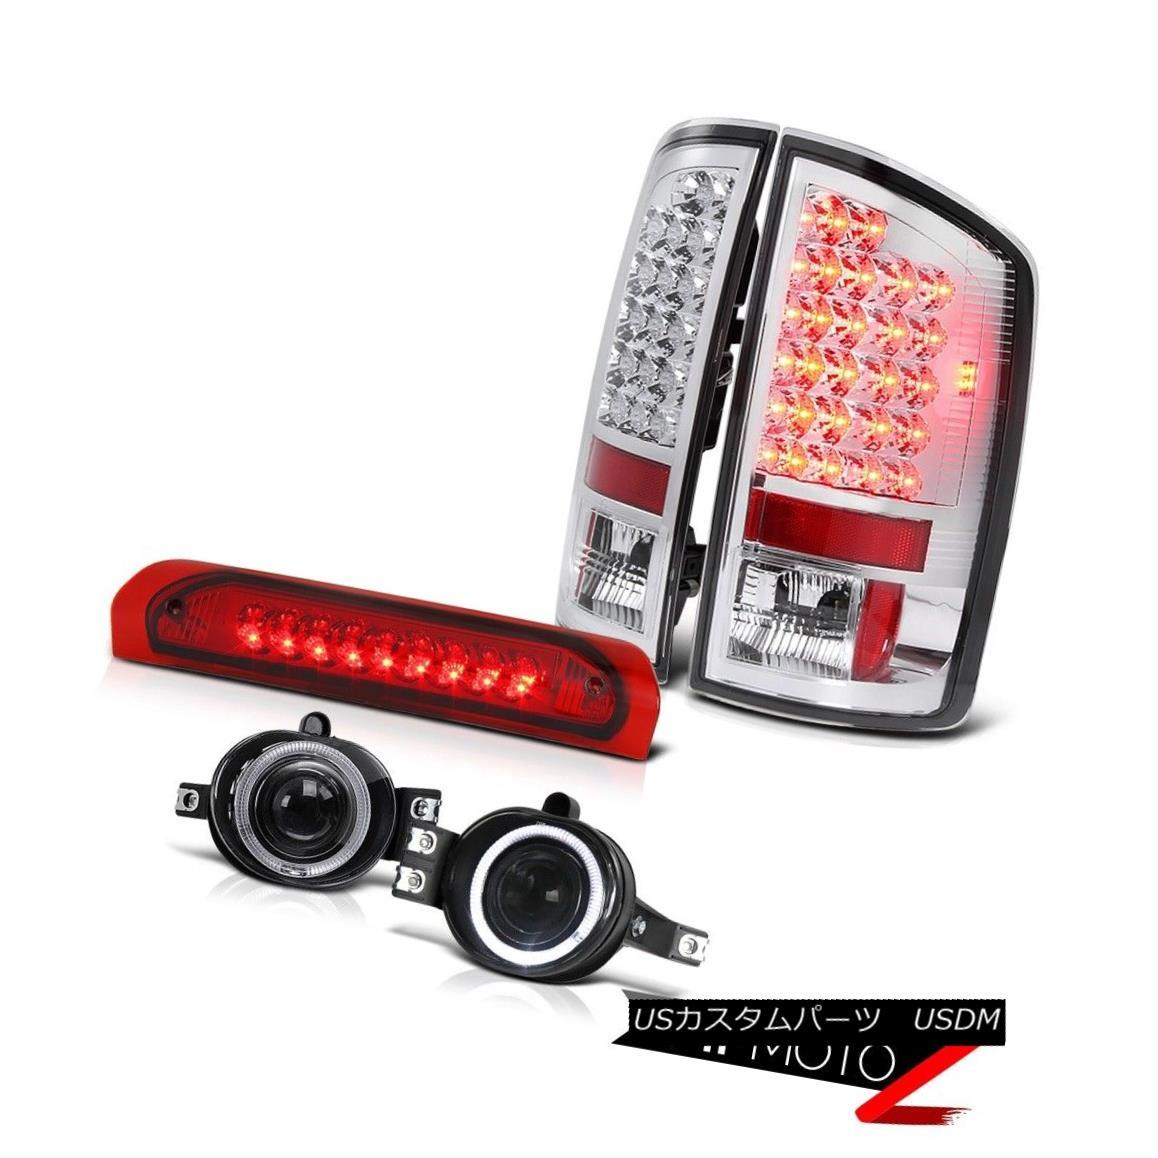 テールライト Chrome LED Tail Light+3rd Brake+Smoke Halo Projector Fog Lamp 02-06 Dodge RAM クロームLEDテールライト+第3ブレーキ+スモークハロープロジェクターフォグランプ02-06 Dodge RAM